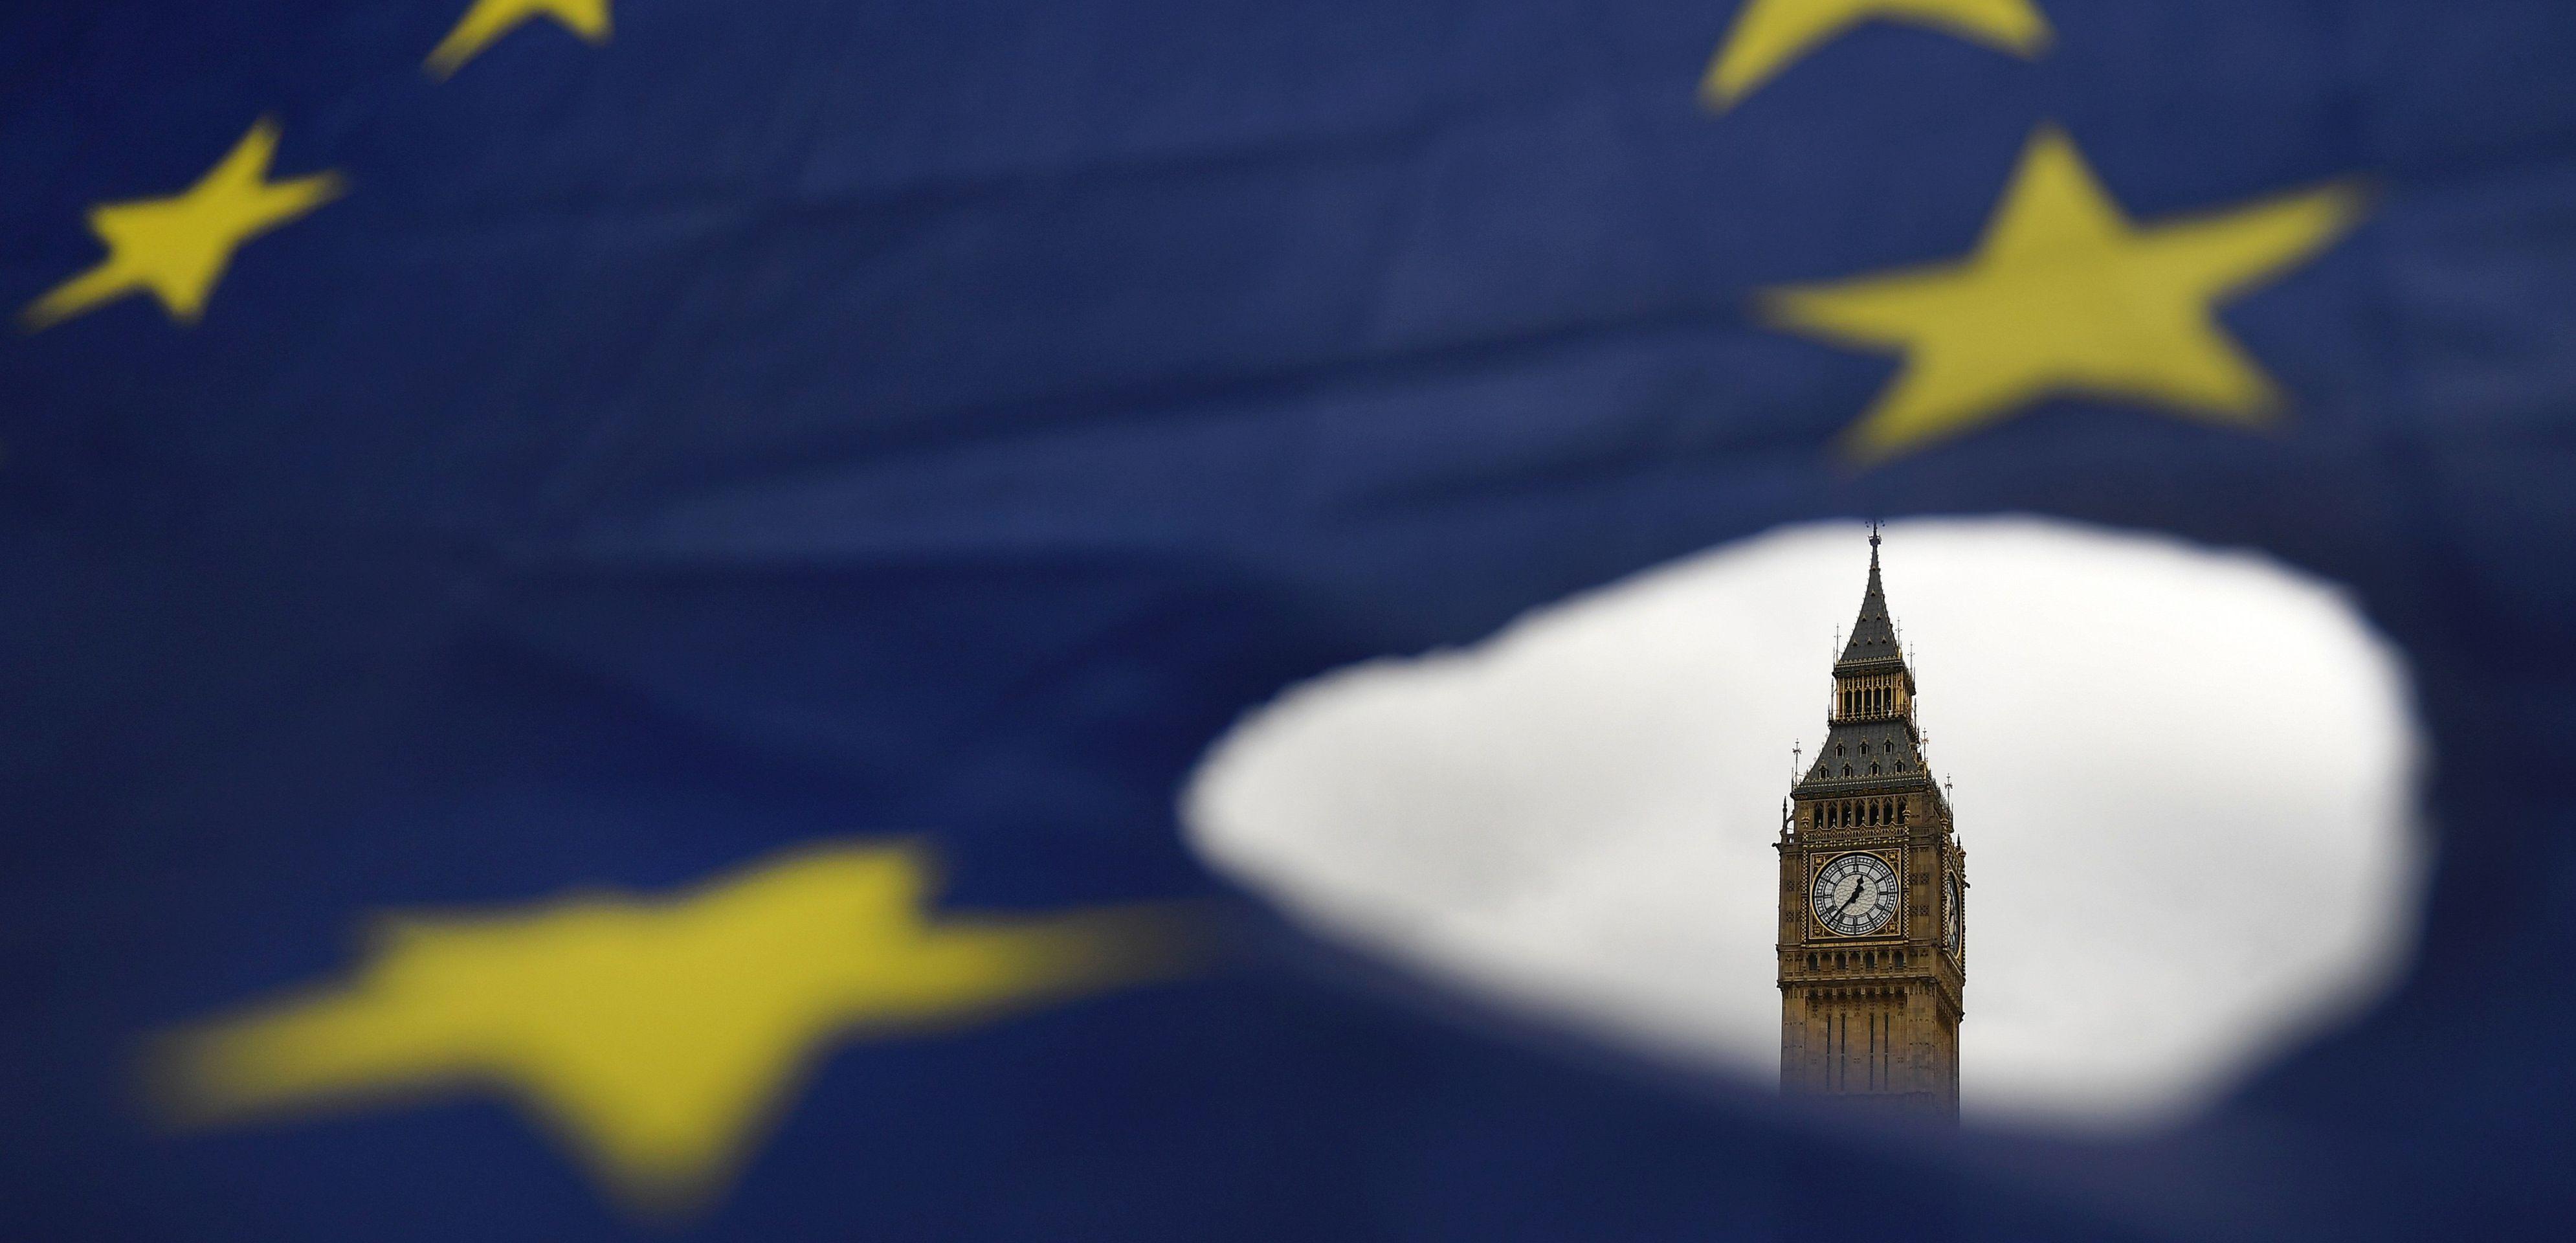 Britanija korača prema Brexitu sa zakonom o povlačenju iz EU-a